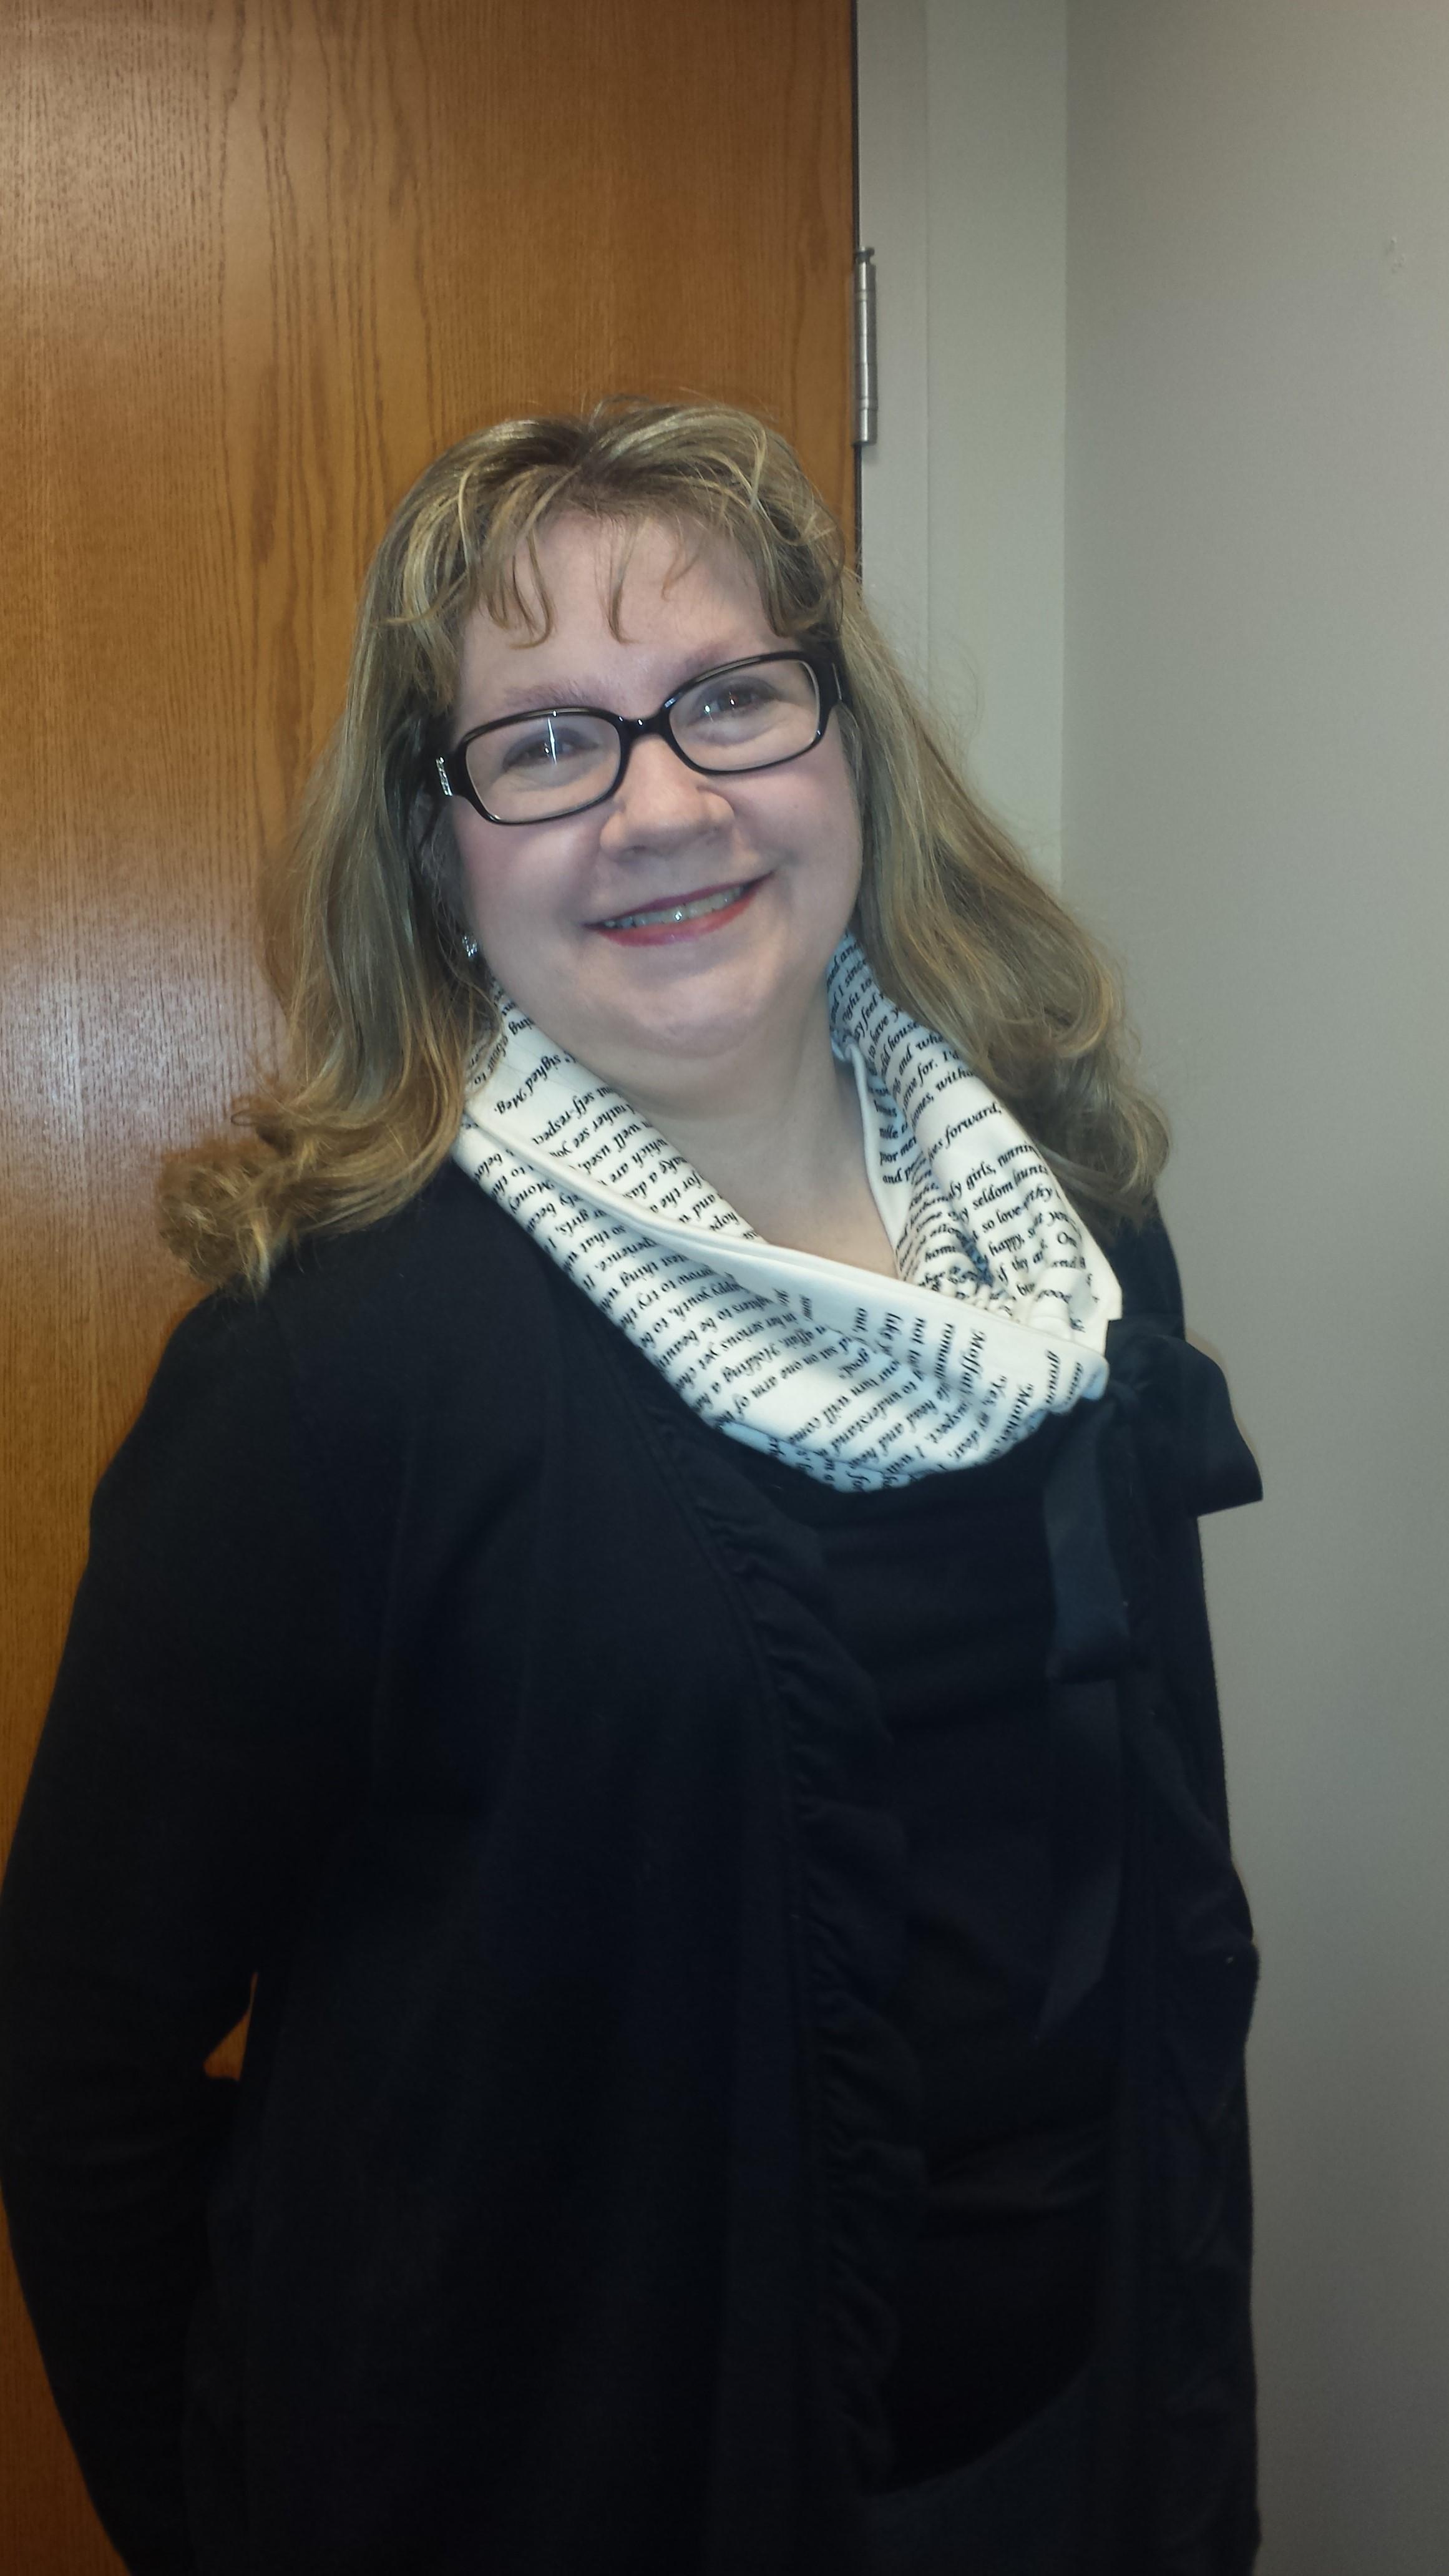 Janice wearing her Little Women scarf